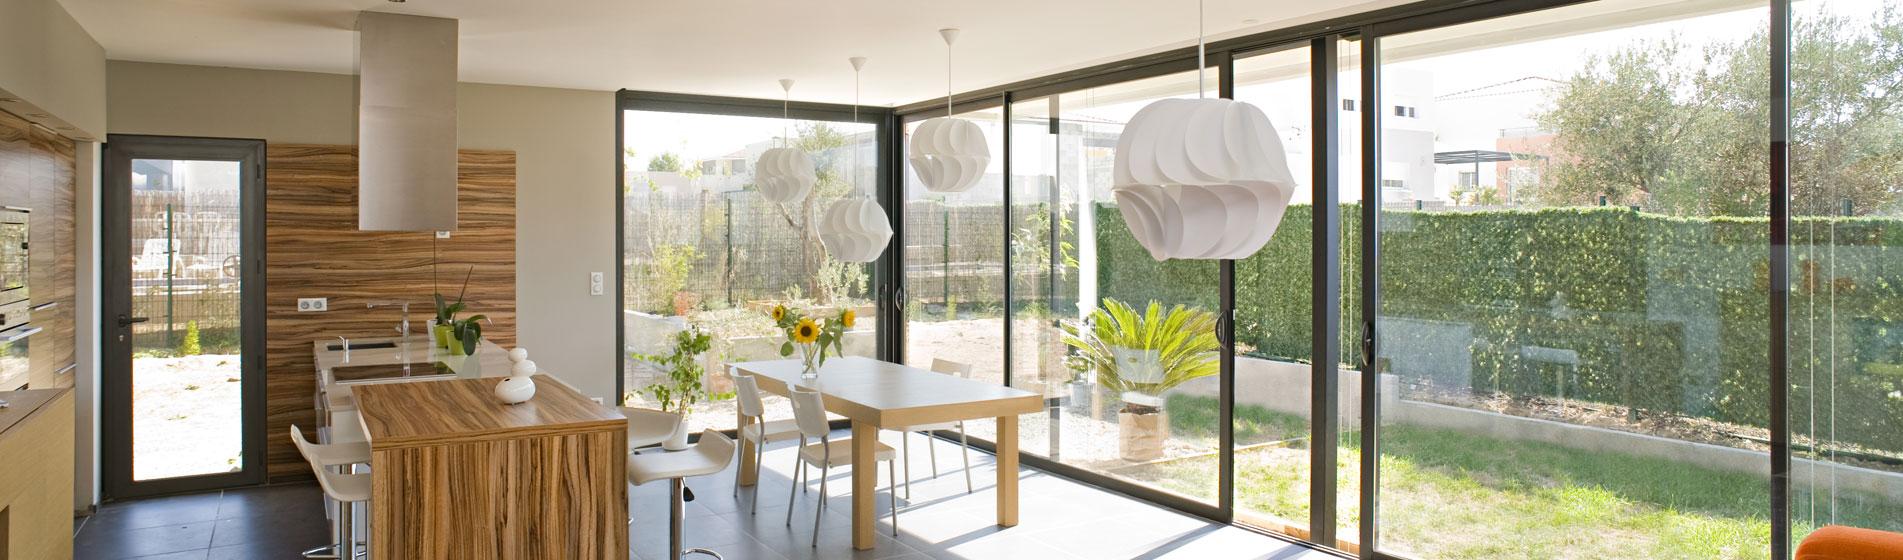 fabricant baie vitrée alu 84 Vaucluse